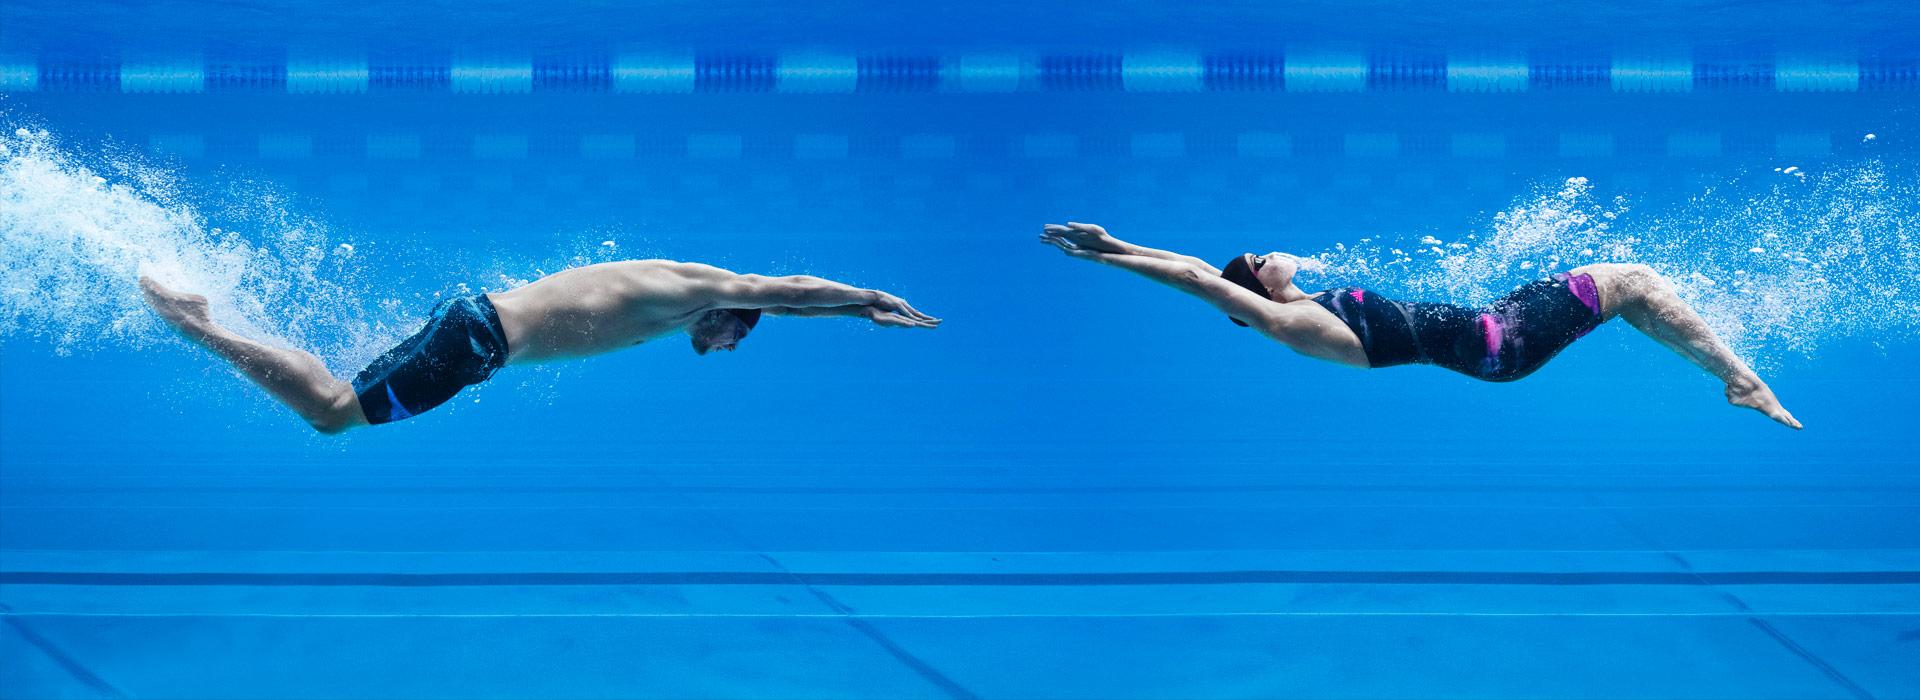 piscina costumi e accessori nuovi arrivi